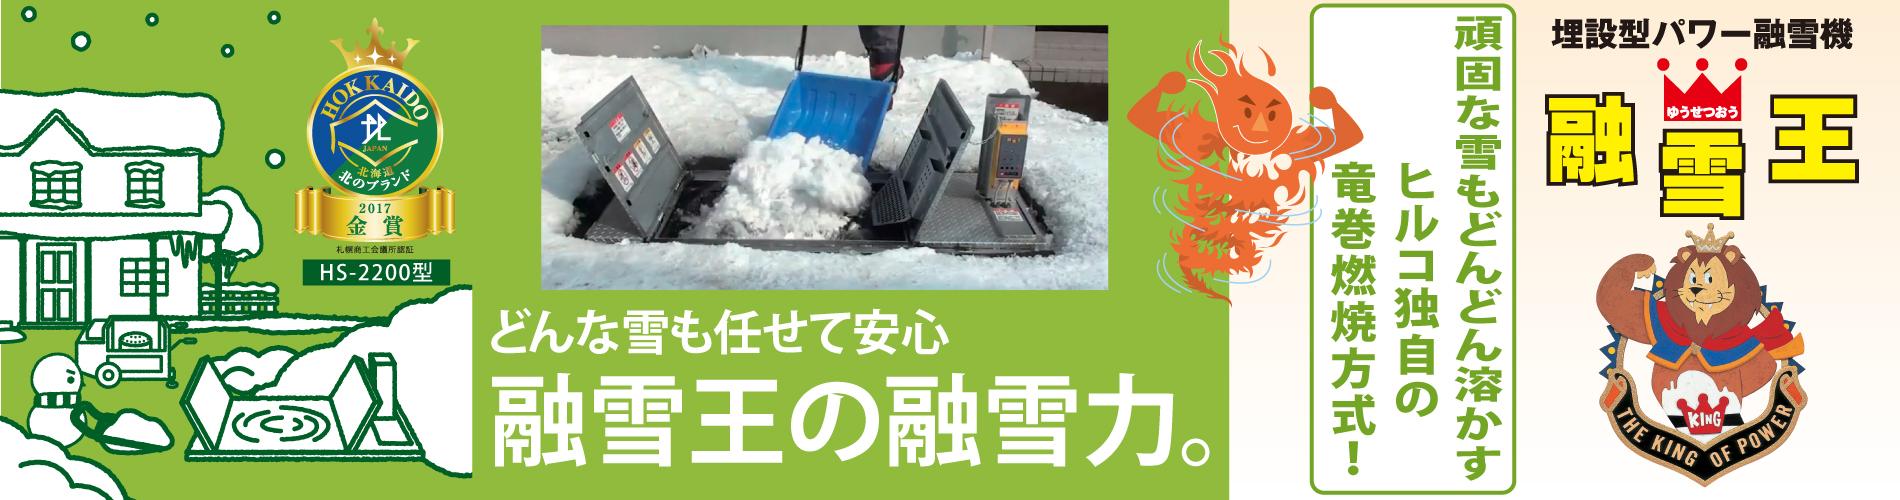 埋設型パワー融雪機「融雪王」